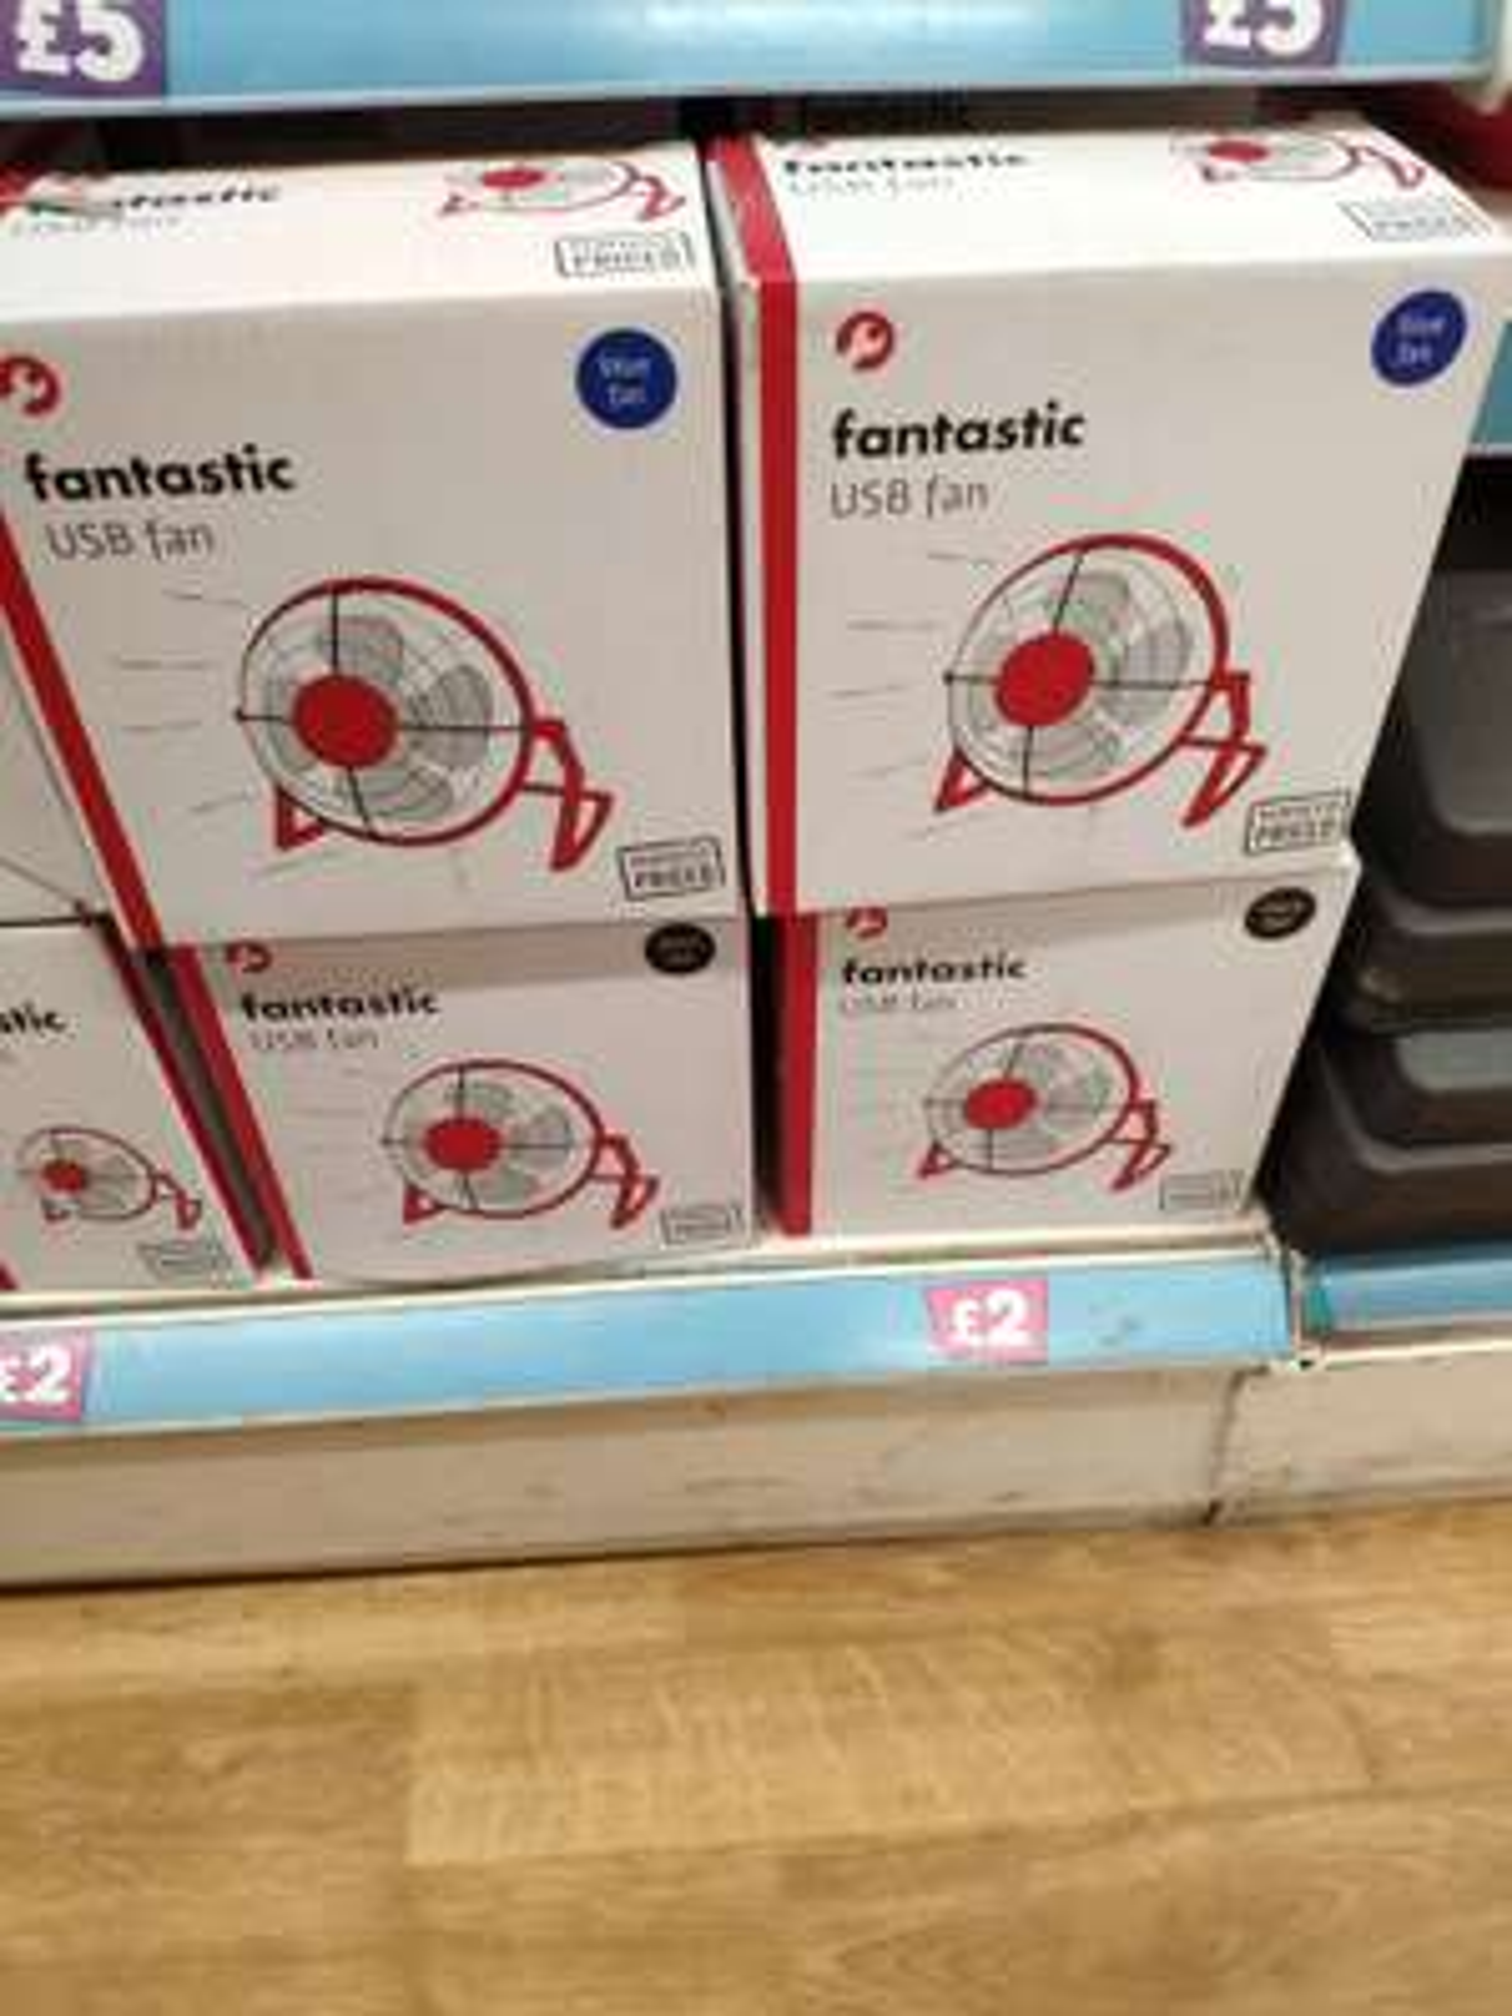 Usb desk fan £2 @ Poundland